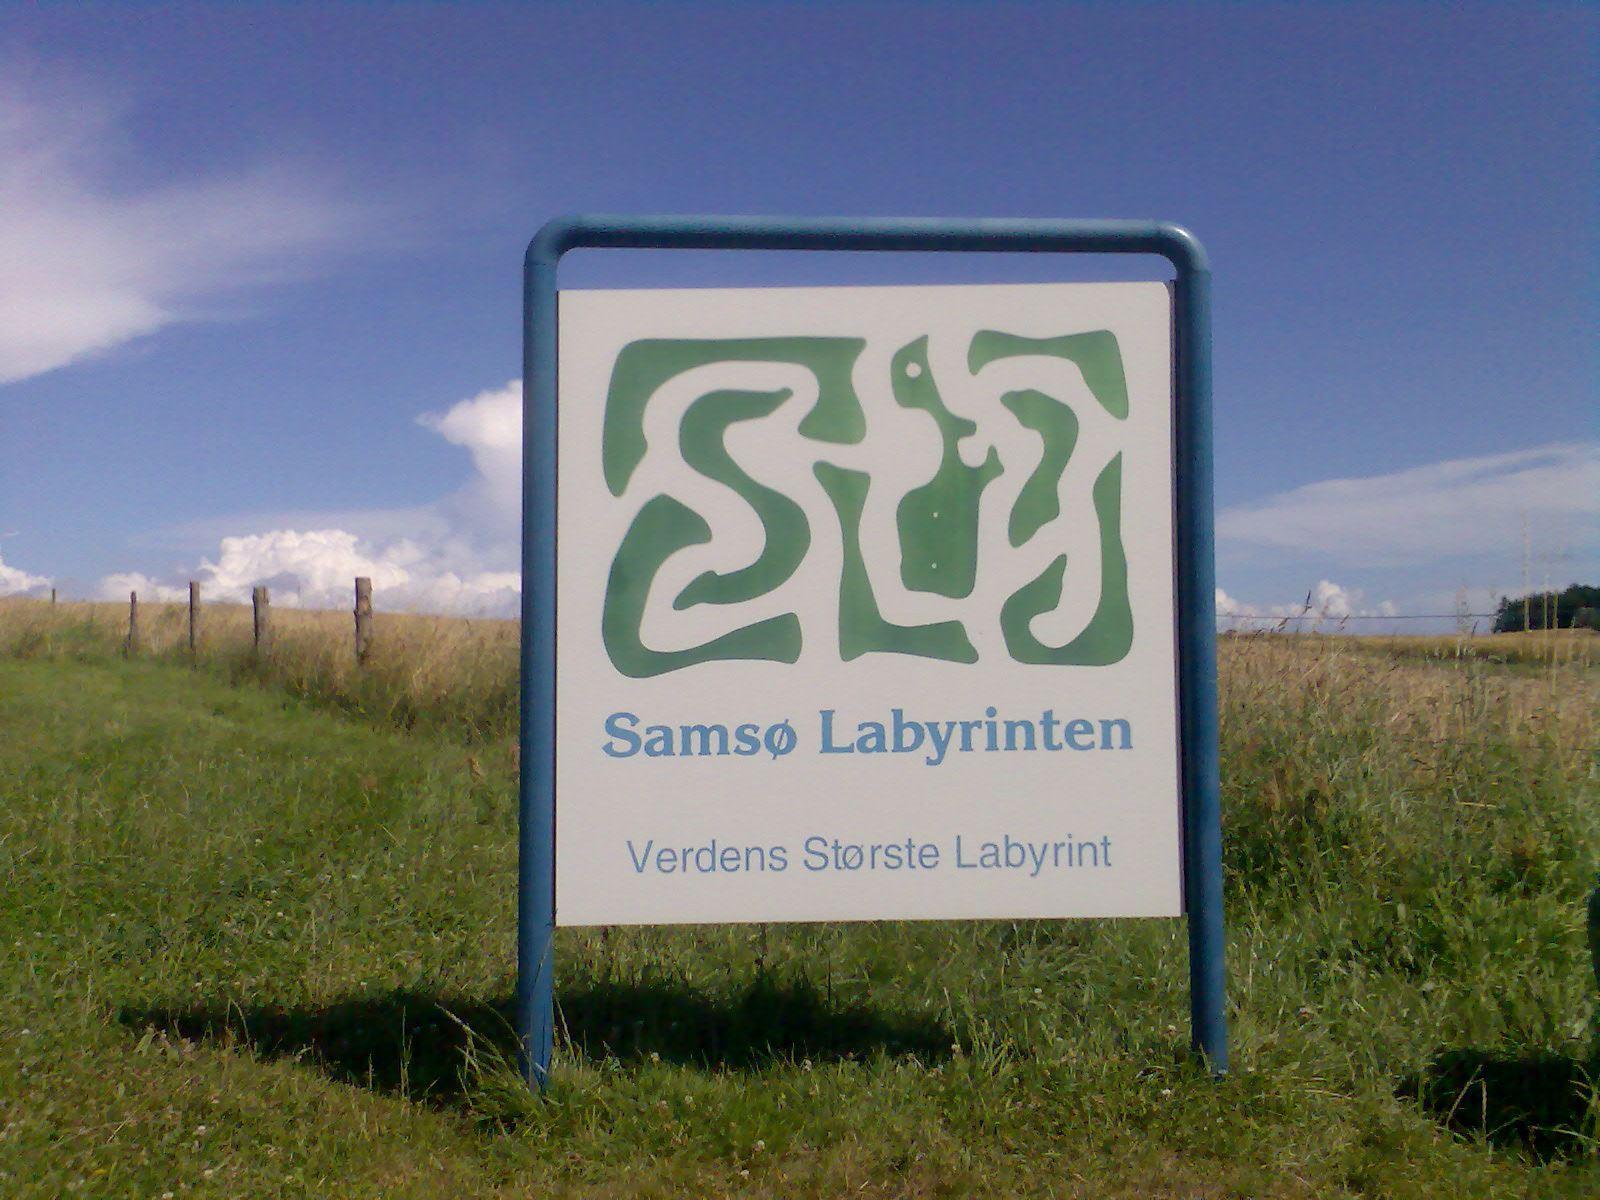 Samsø Labyrinth